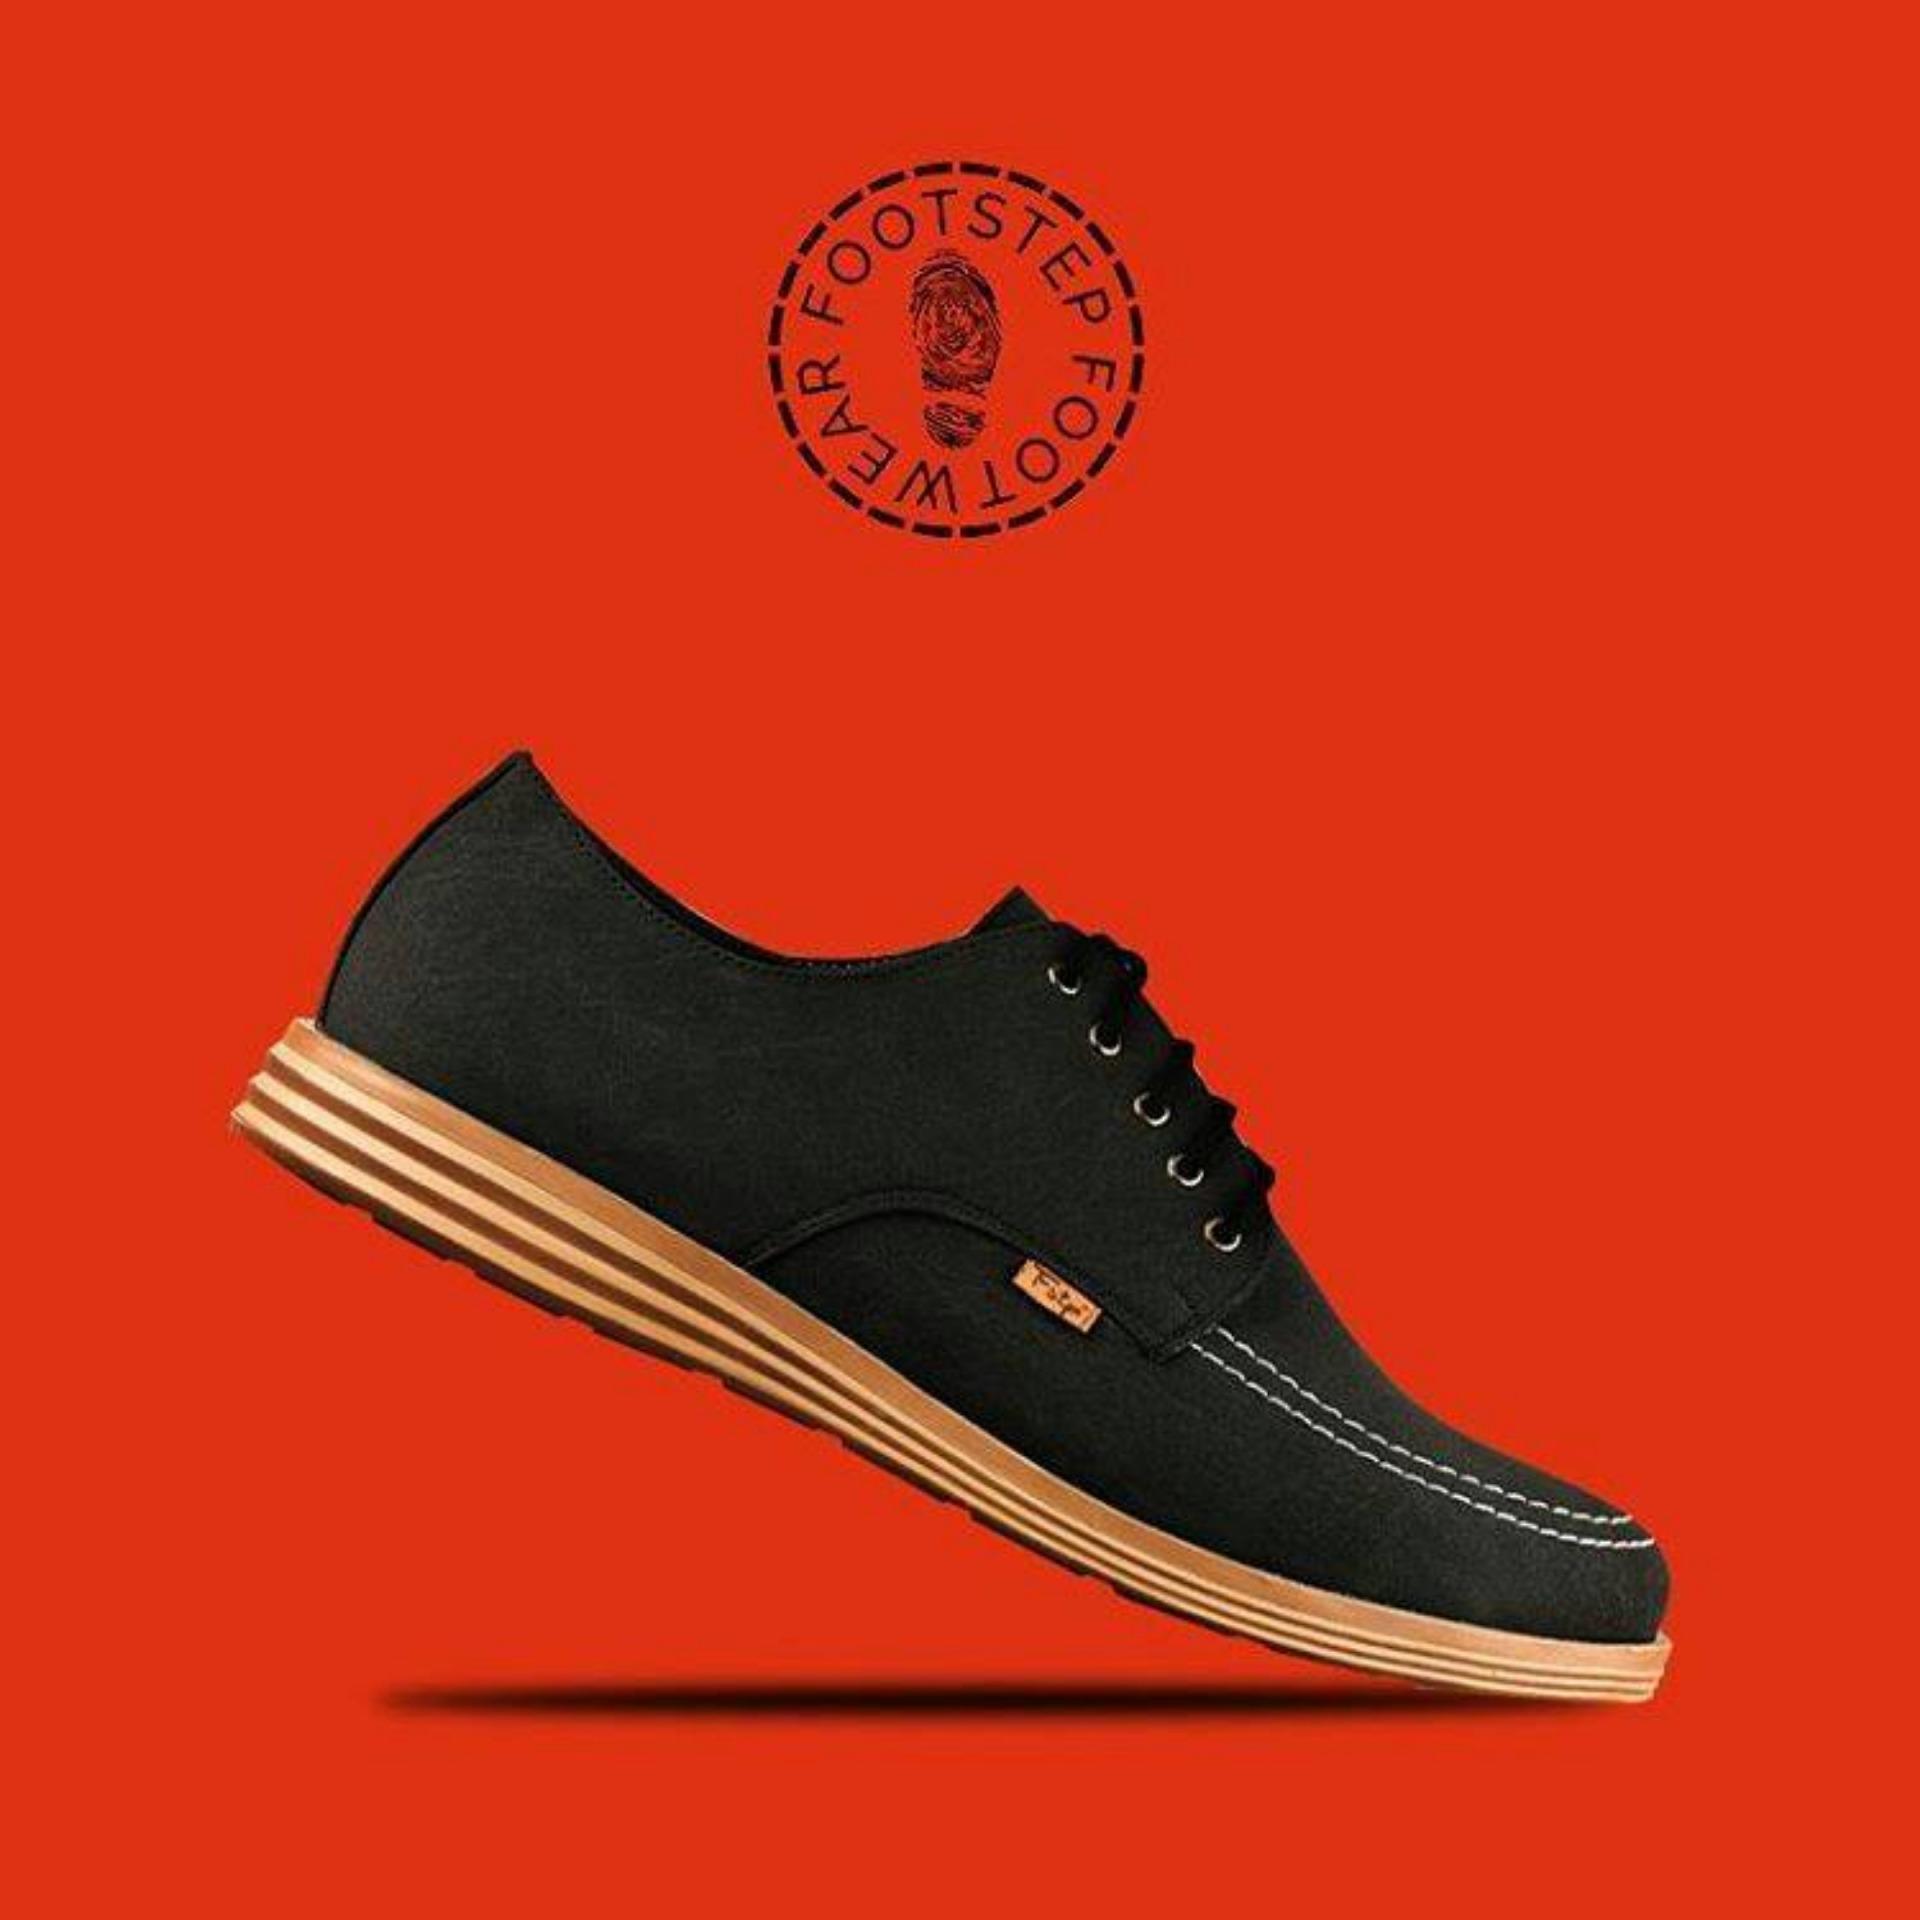 Sepatu Karet Forbelly Derby Sneaker Untuk Outdoor - Beli Harga Murah 58a099dffa